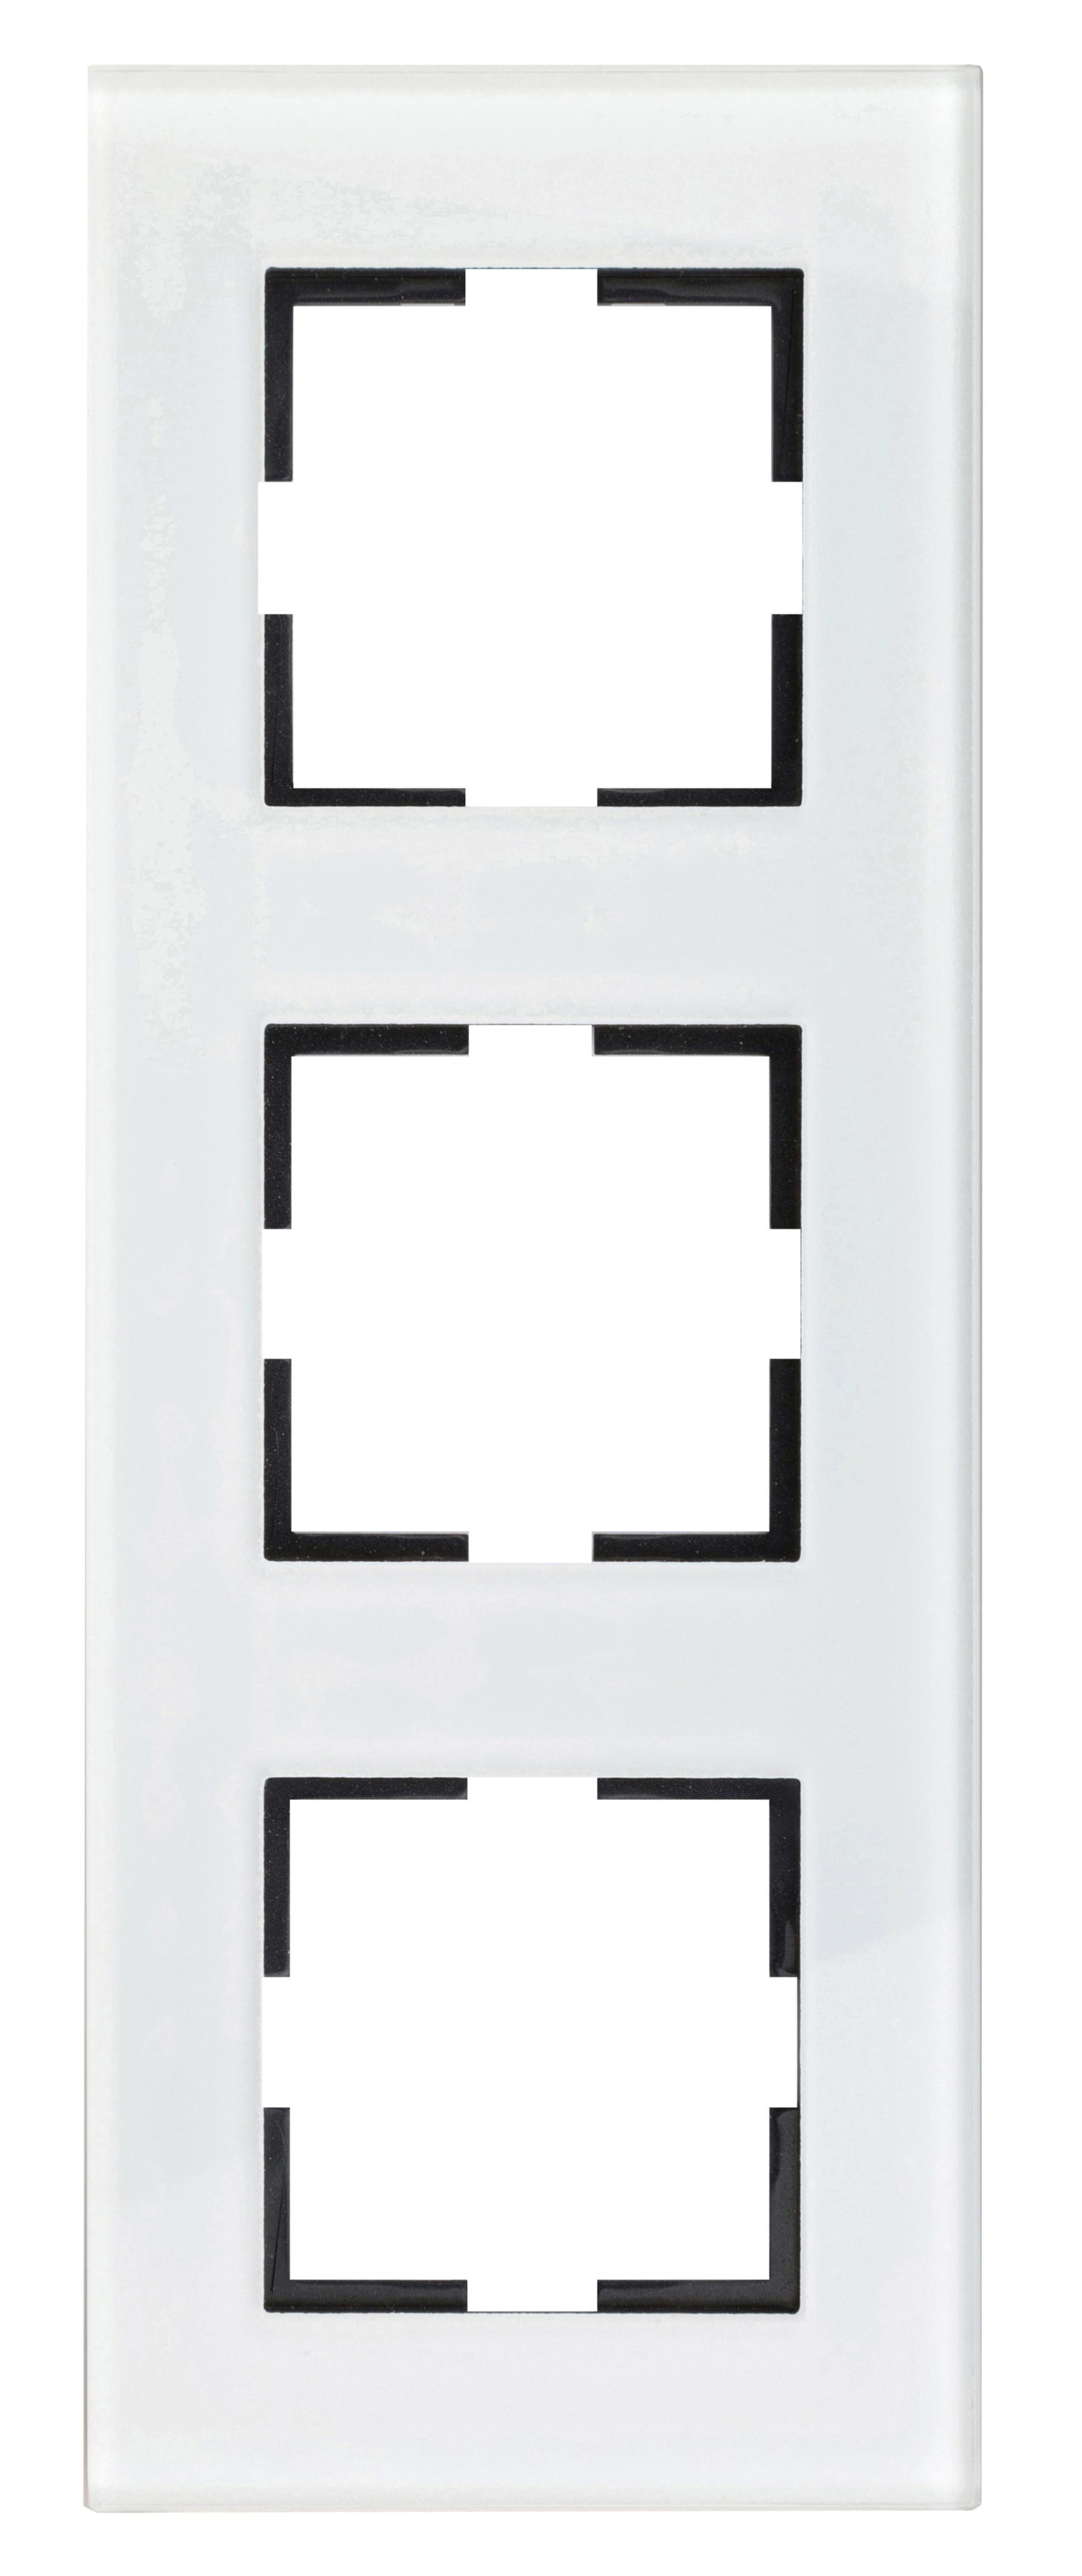 1 Stk Rahmen 3-fach, Glas weiß EV145003W-